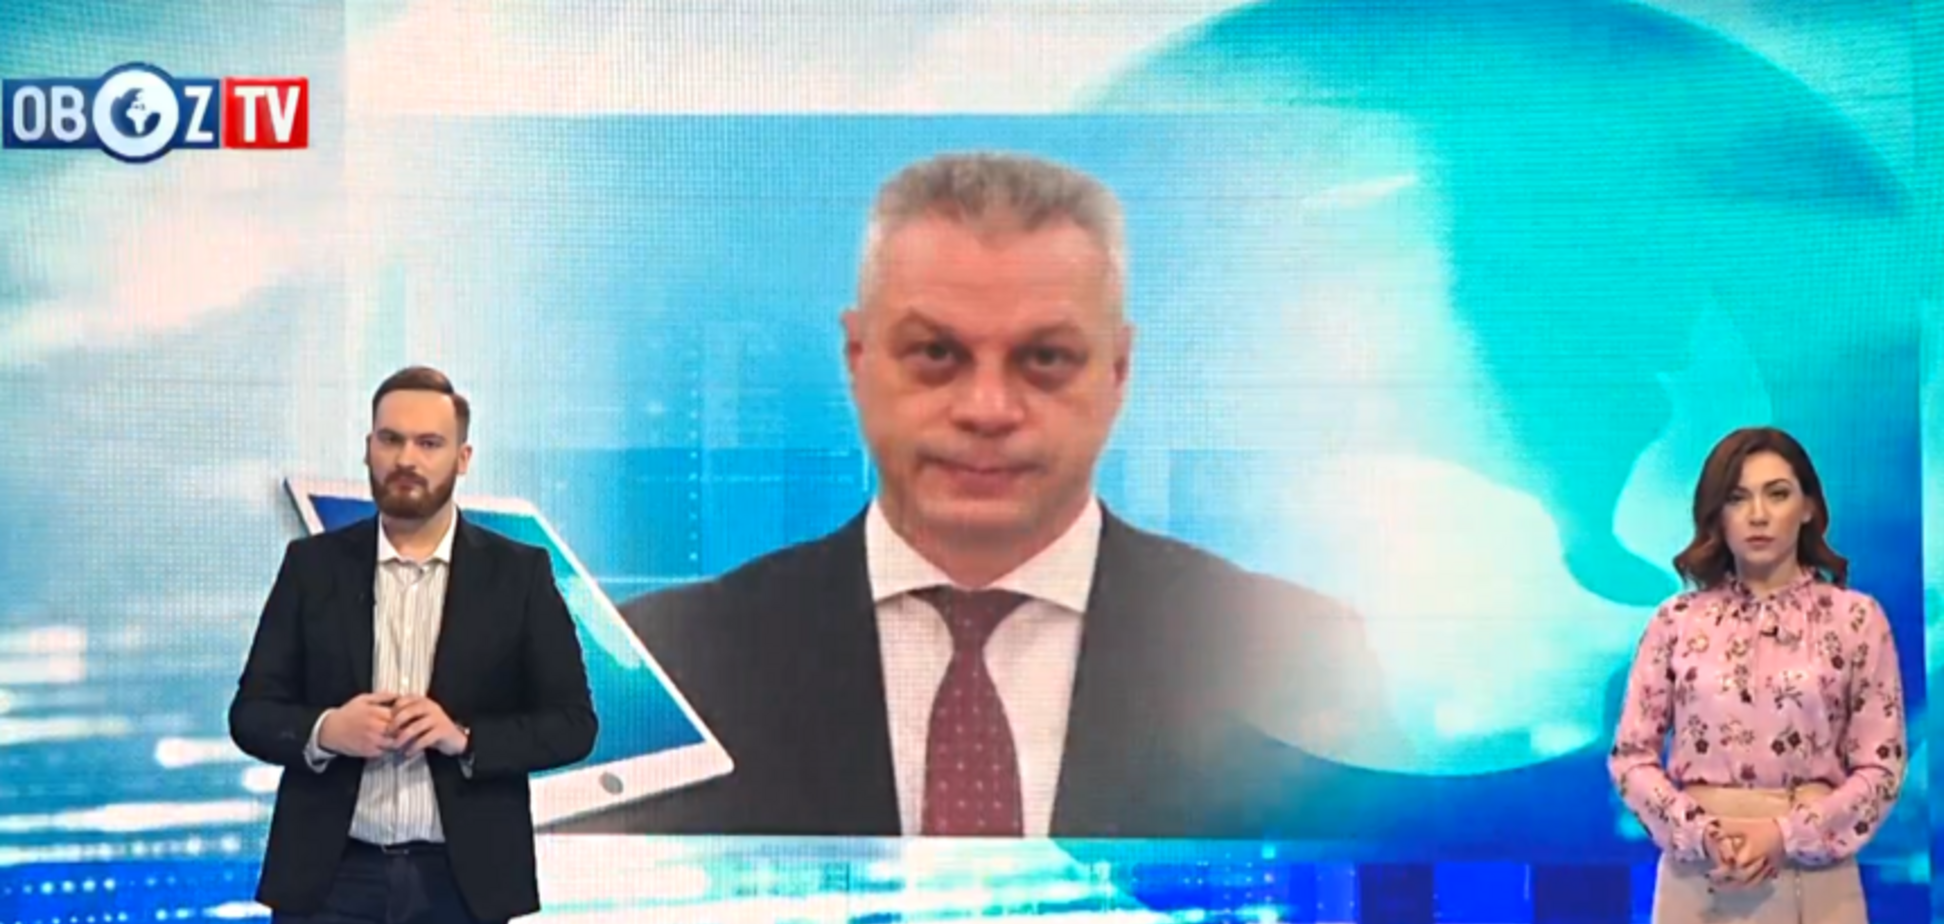 Попытка подкупа Тимошенко: в ГПУ рассказали подробности